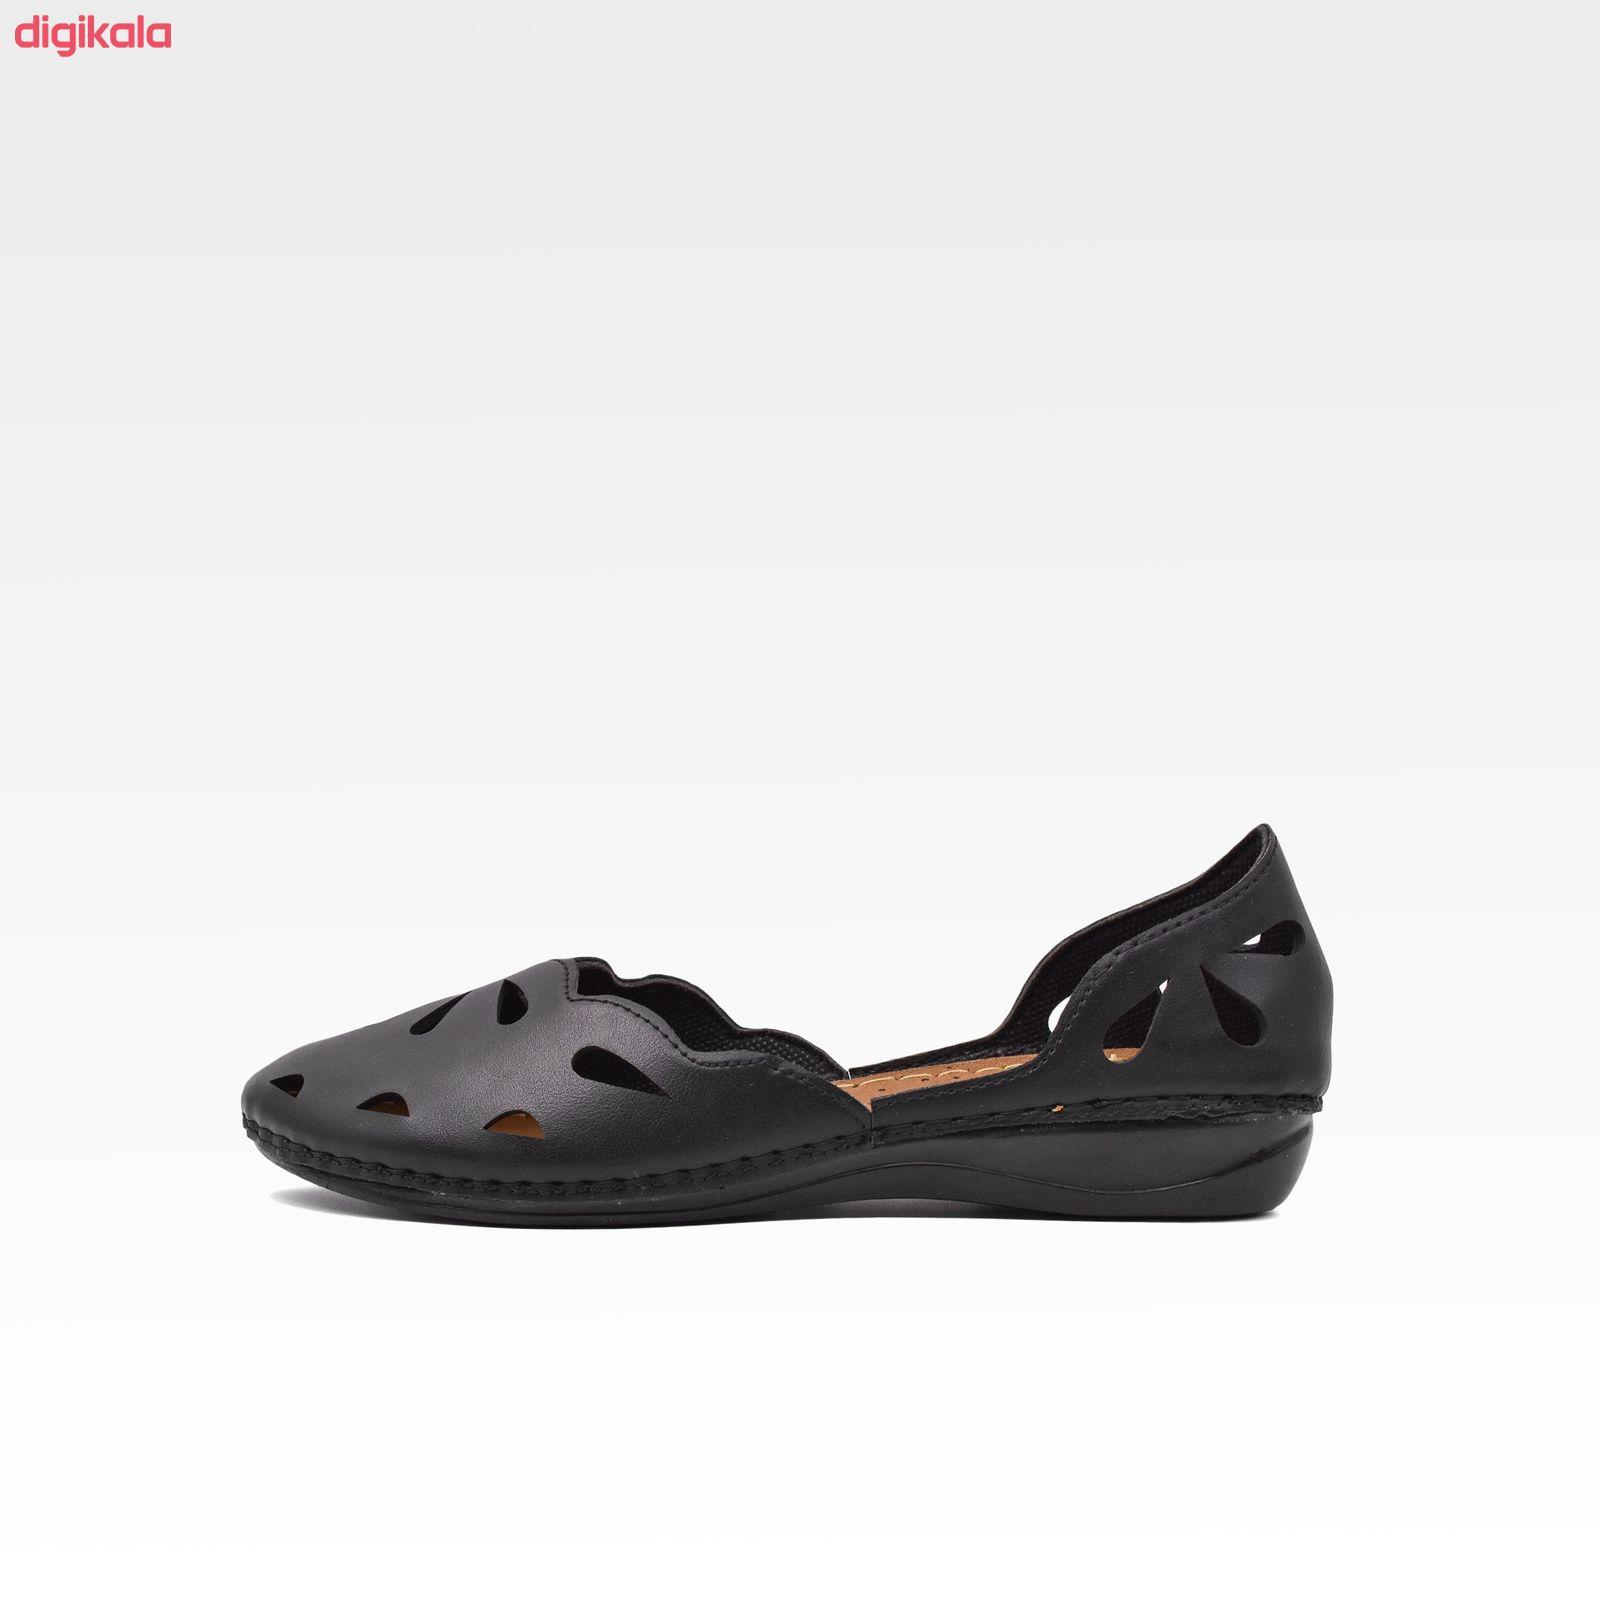 کفش زنانه شهپر مدل رویا 109 کد 7187 main 1 1